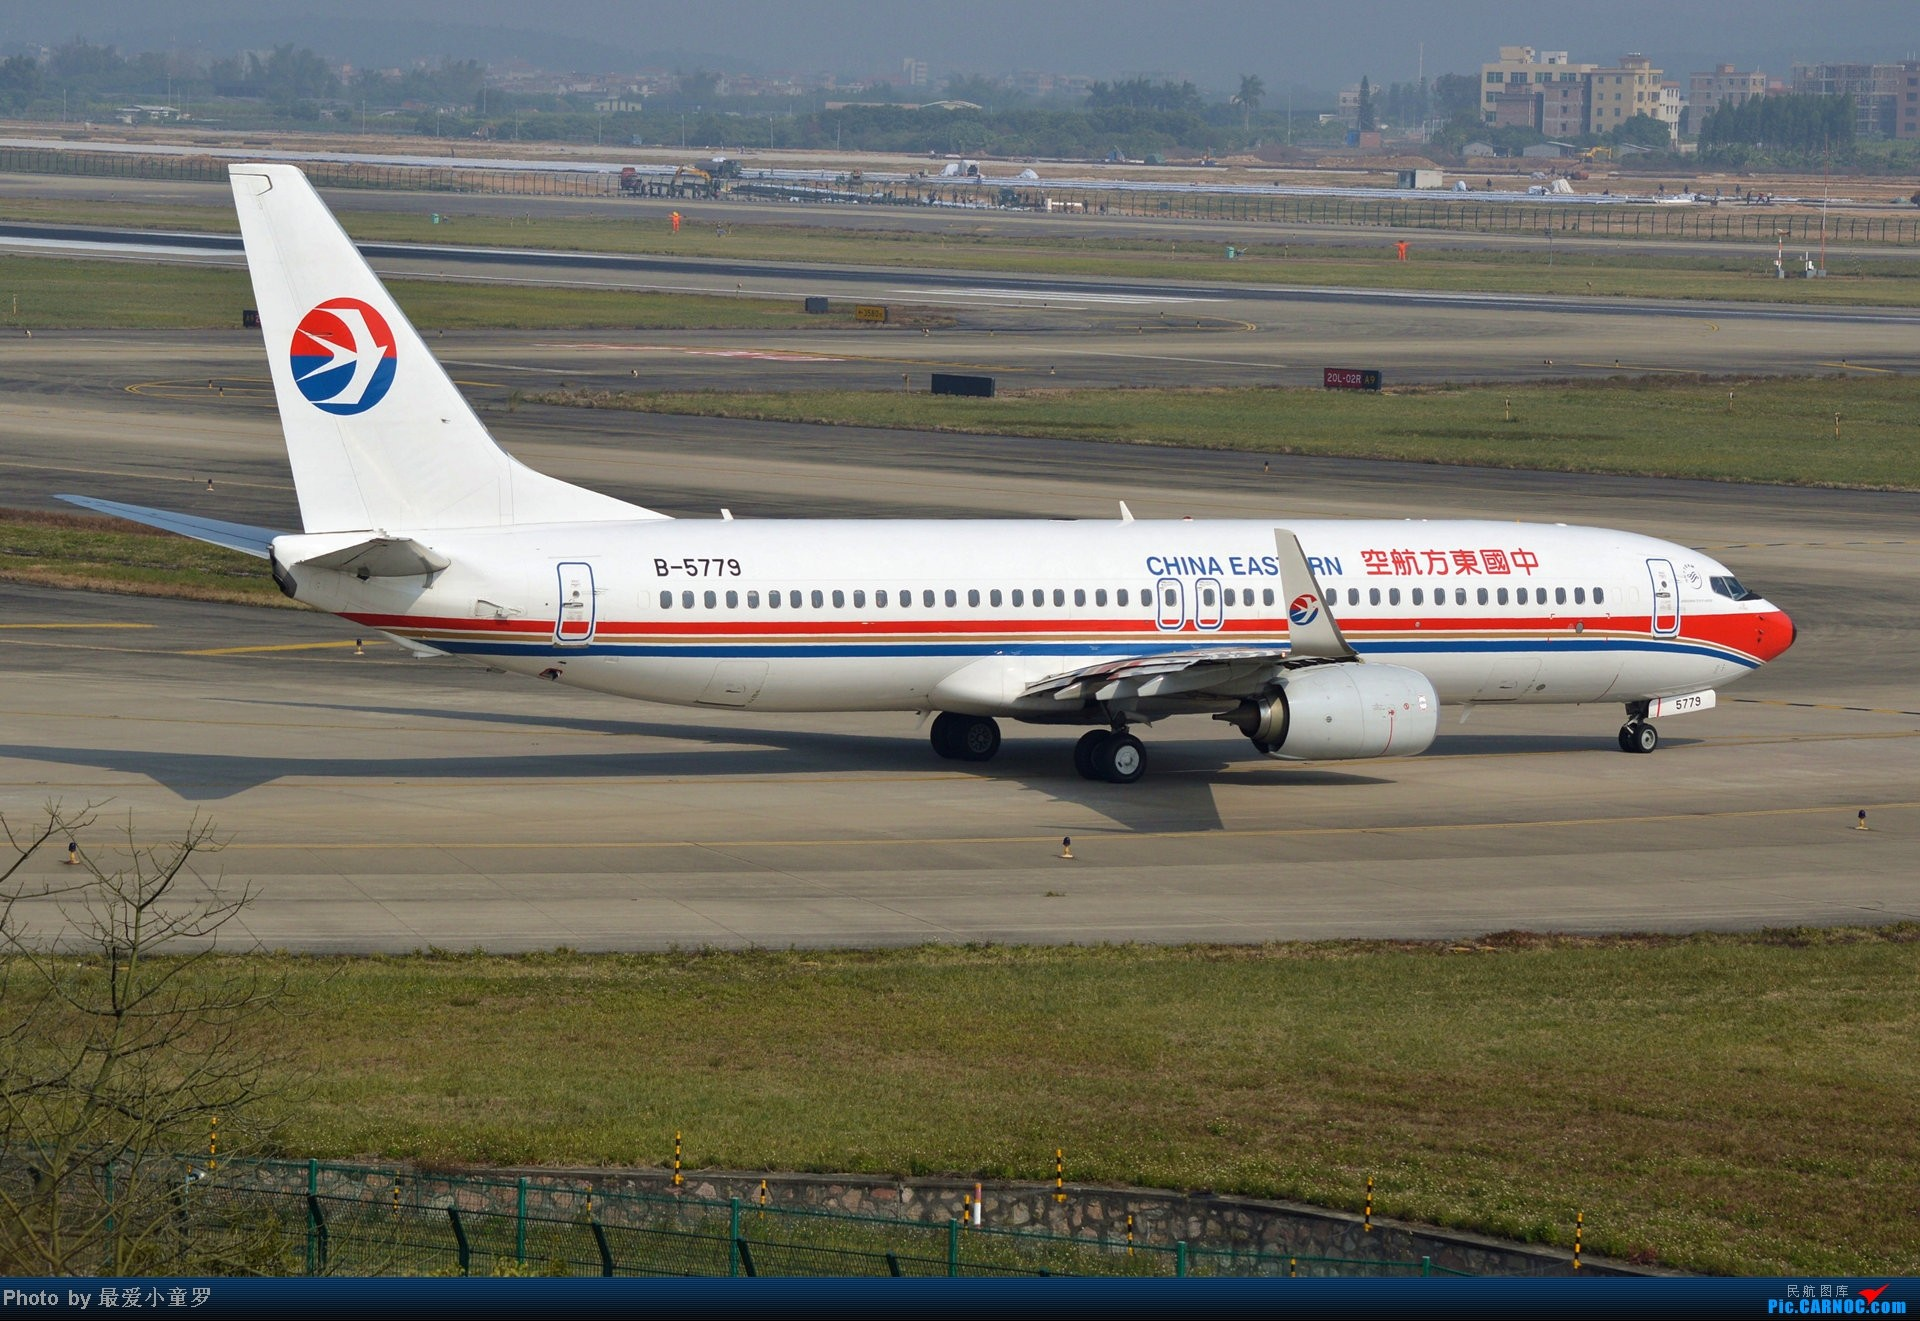 Re:[原创]好天拍机,去年12月21日广州消防塔拍机 BOEING 737-800 B-5779 中国广州白云机场